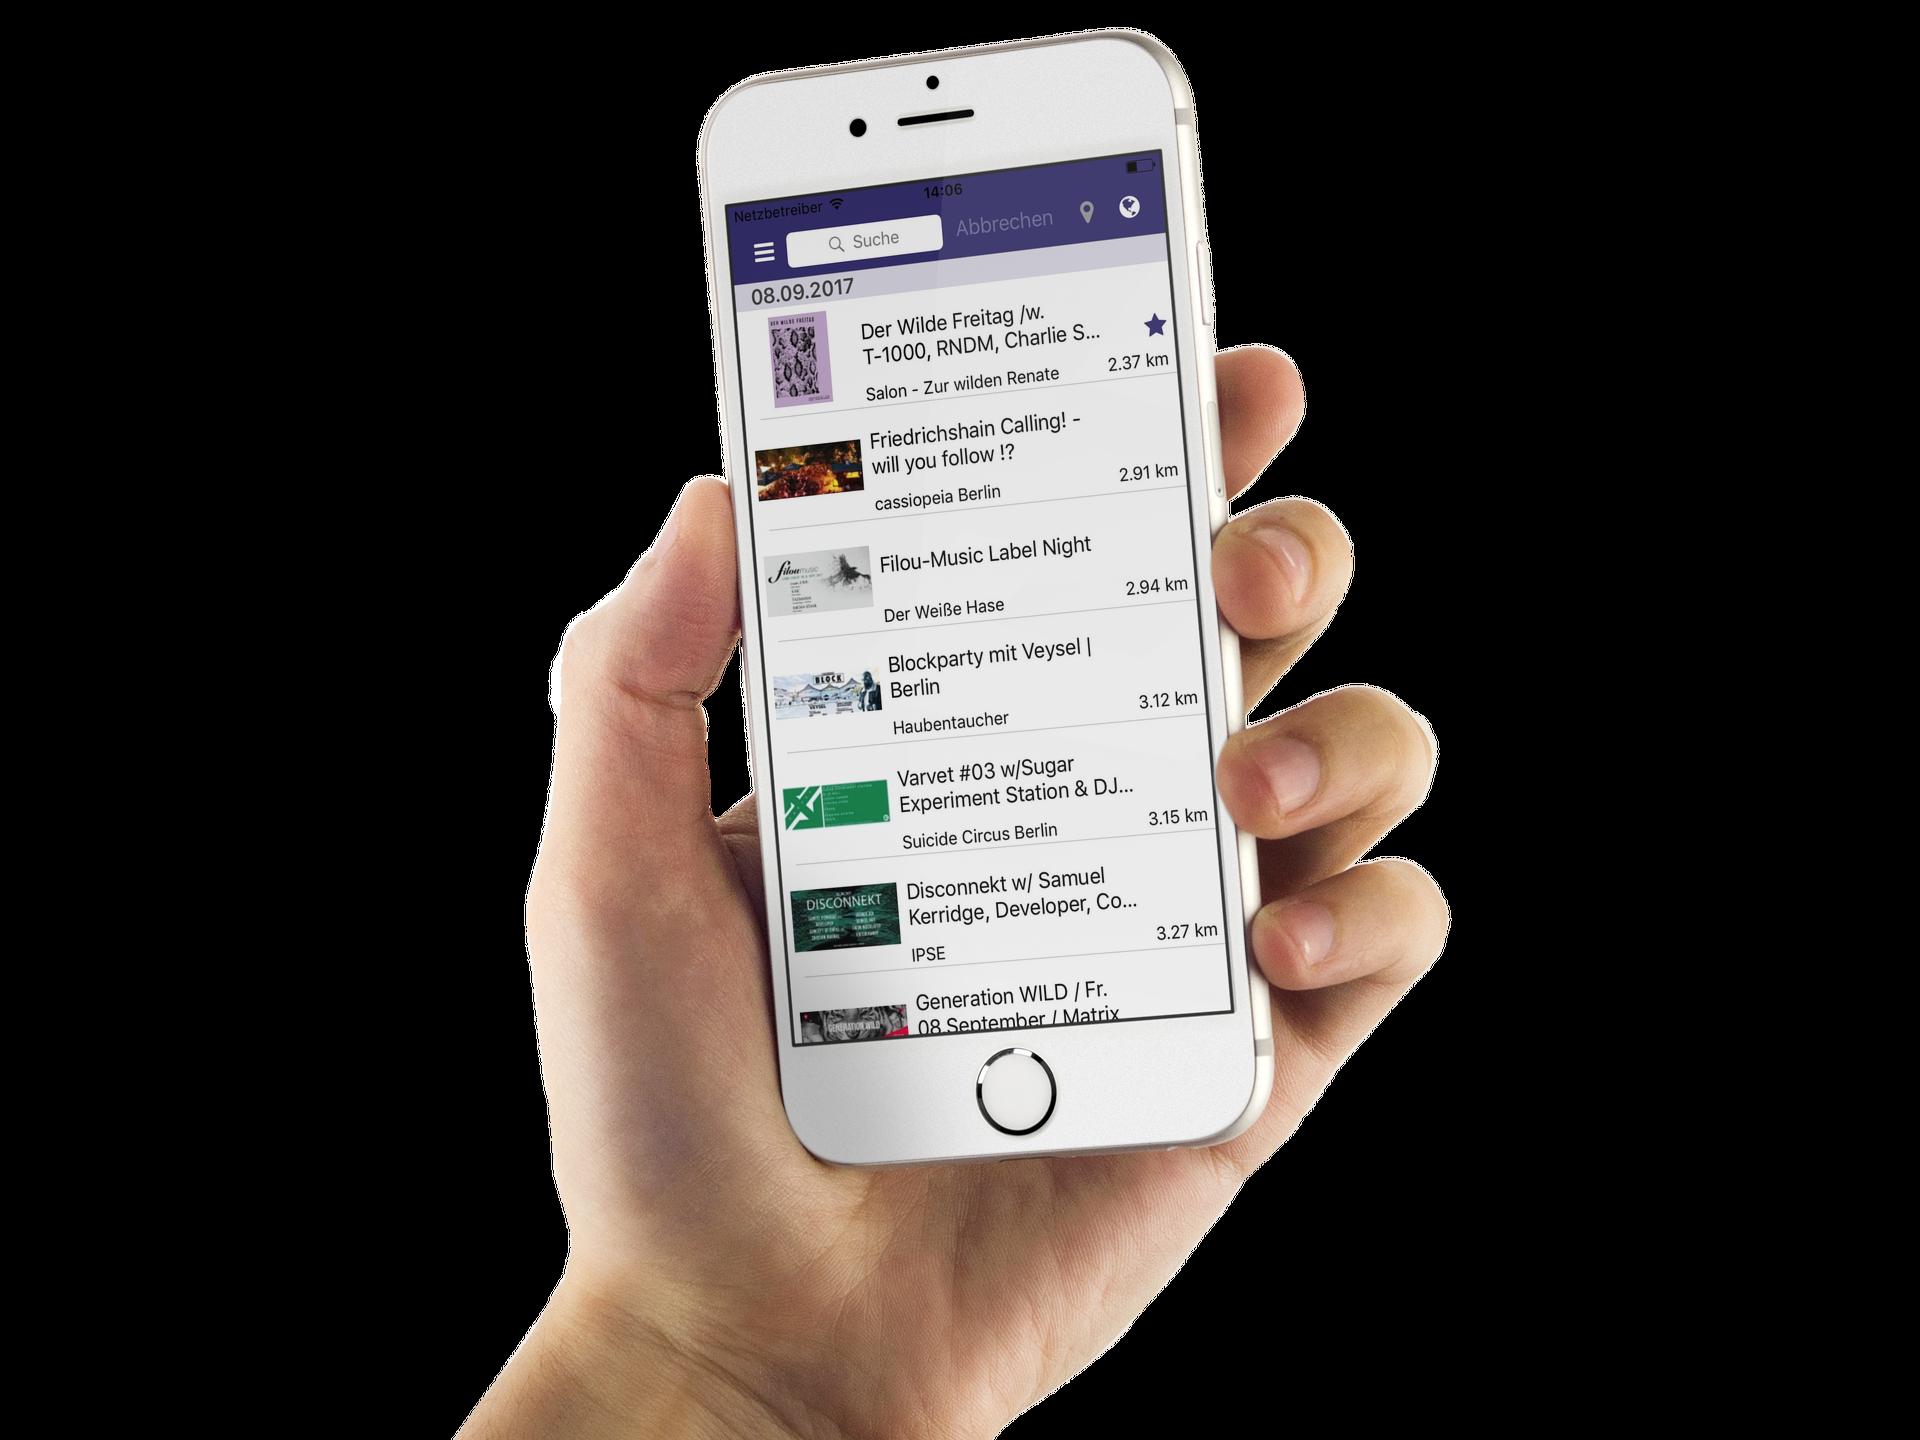 Beste App, um geile Girls zu finden